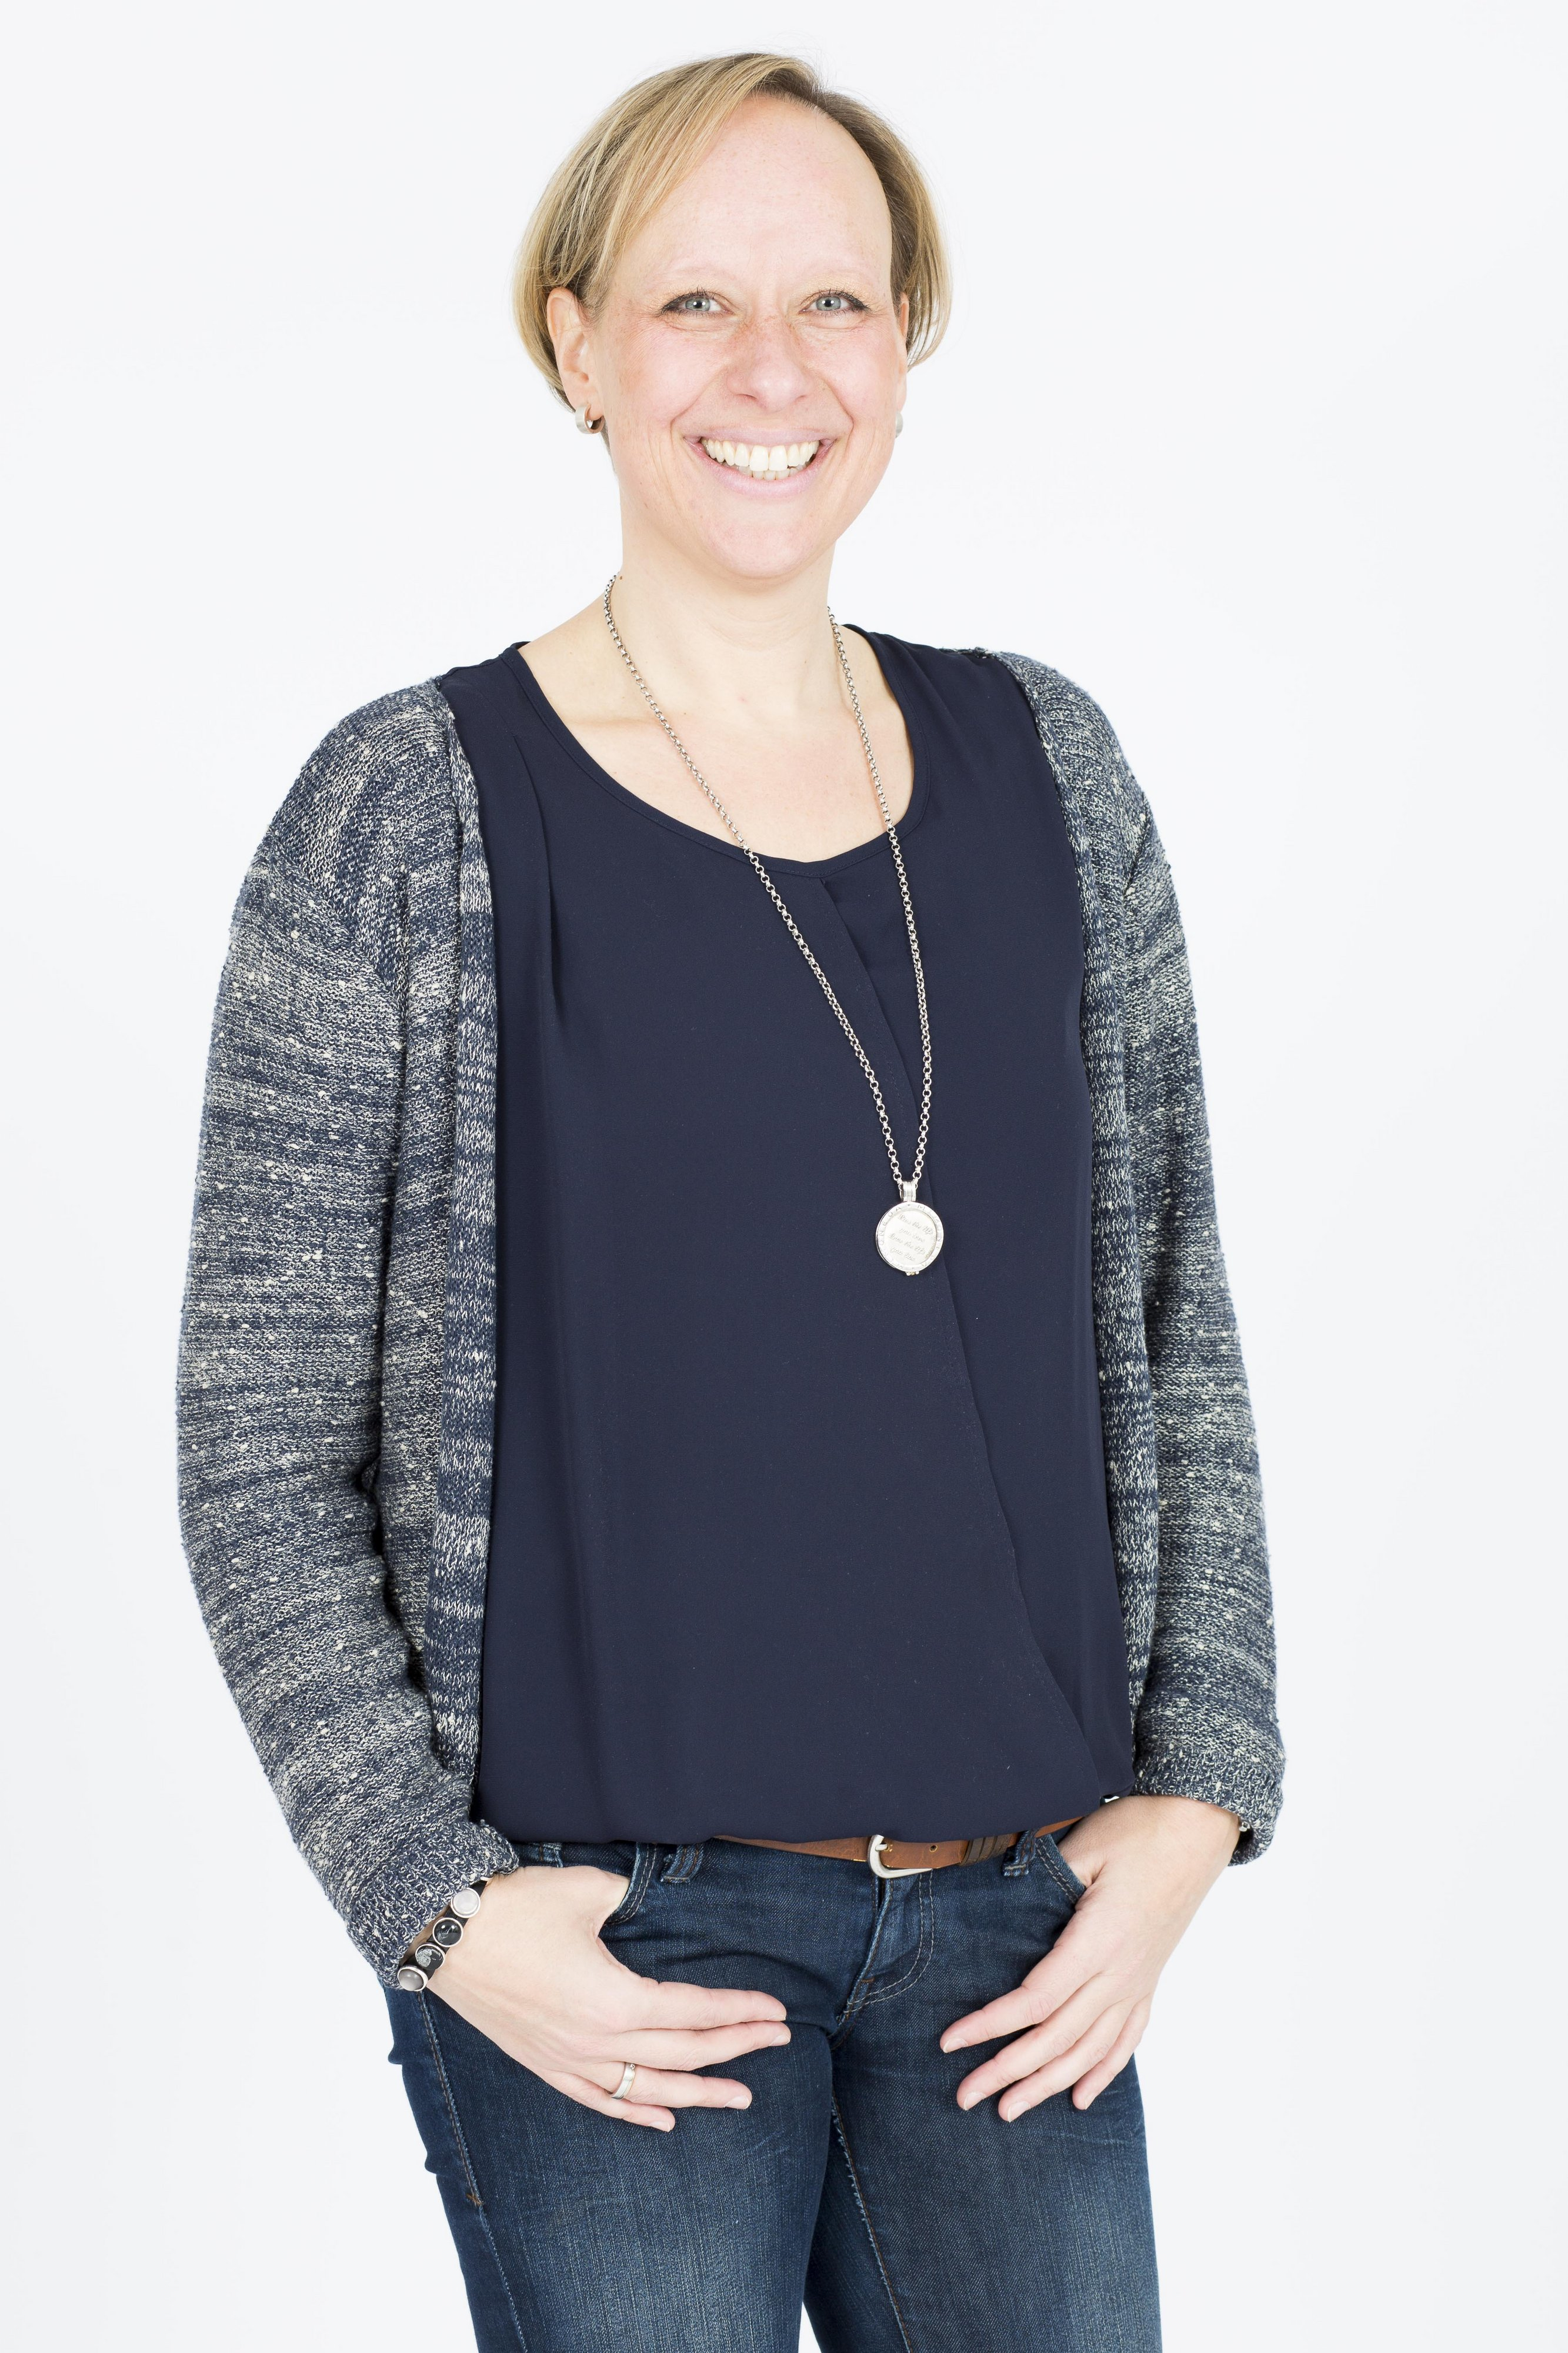 Ergotherapeut Mariska Winsser-de Jong